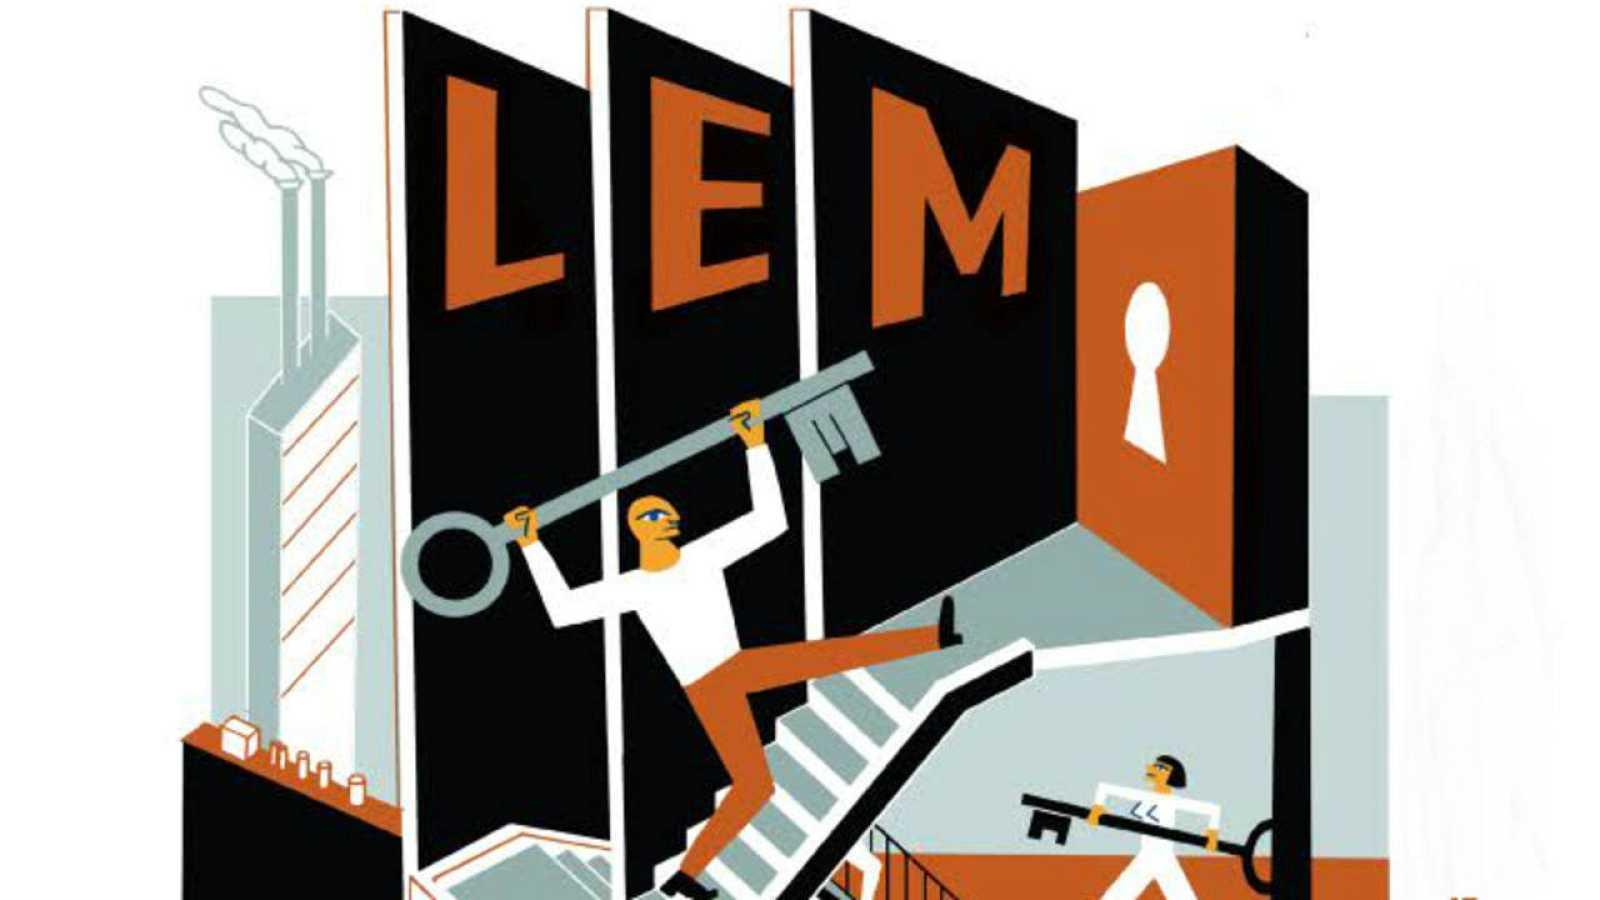 Del 29 de septiembre al 29 de octubre, Barcelona se llena con las propuestas del Festival LEM